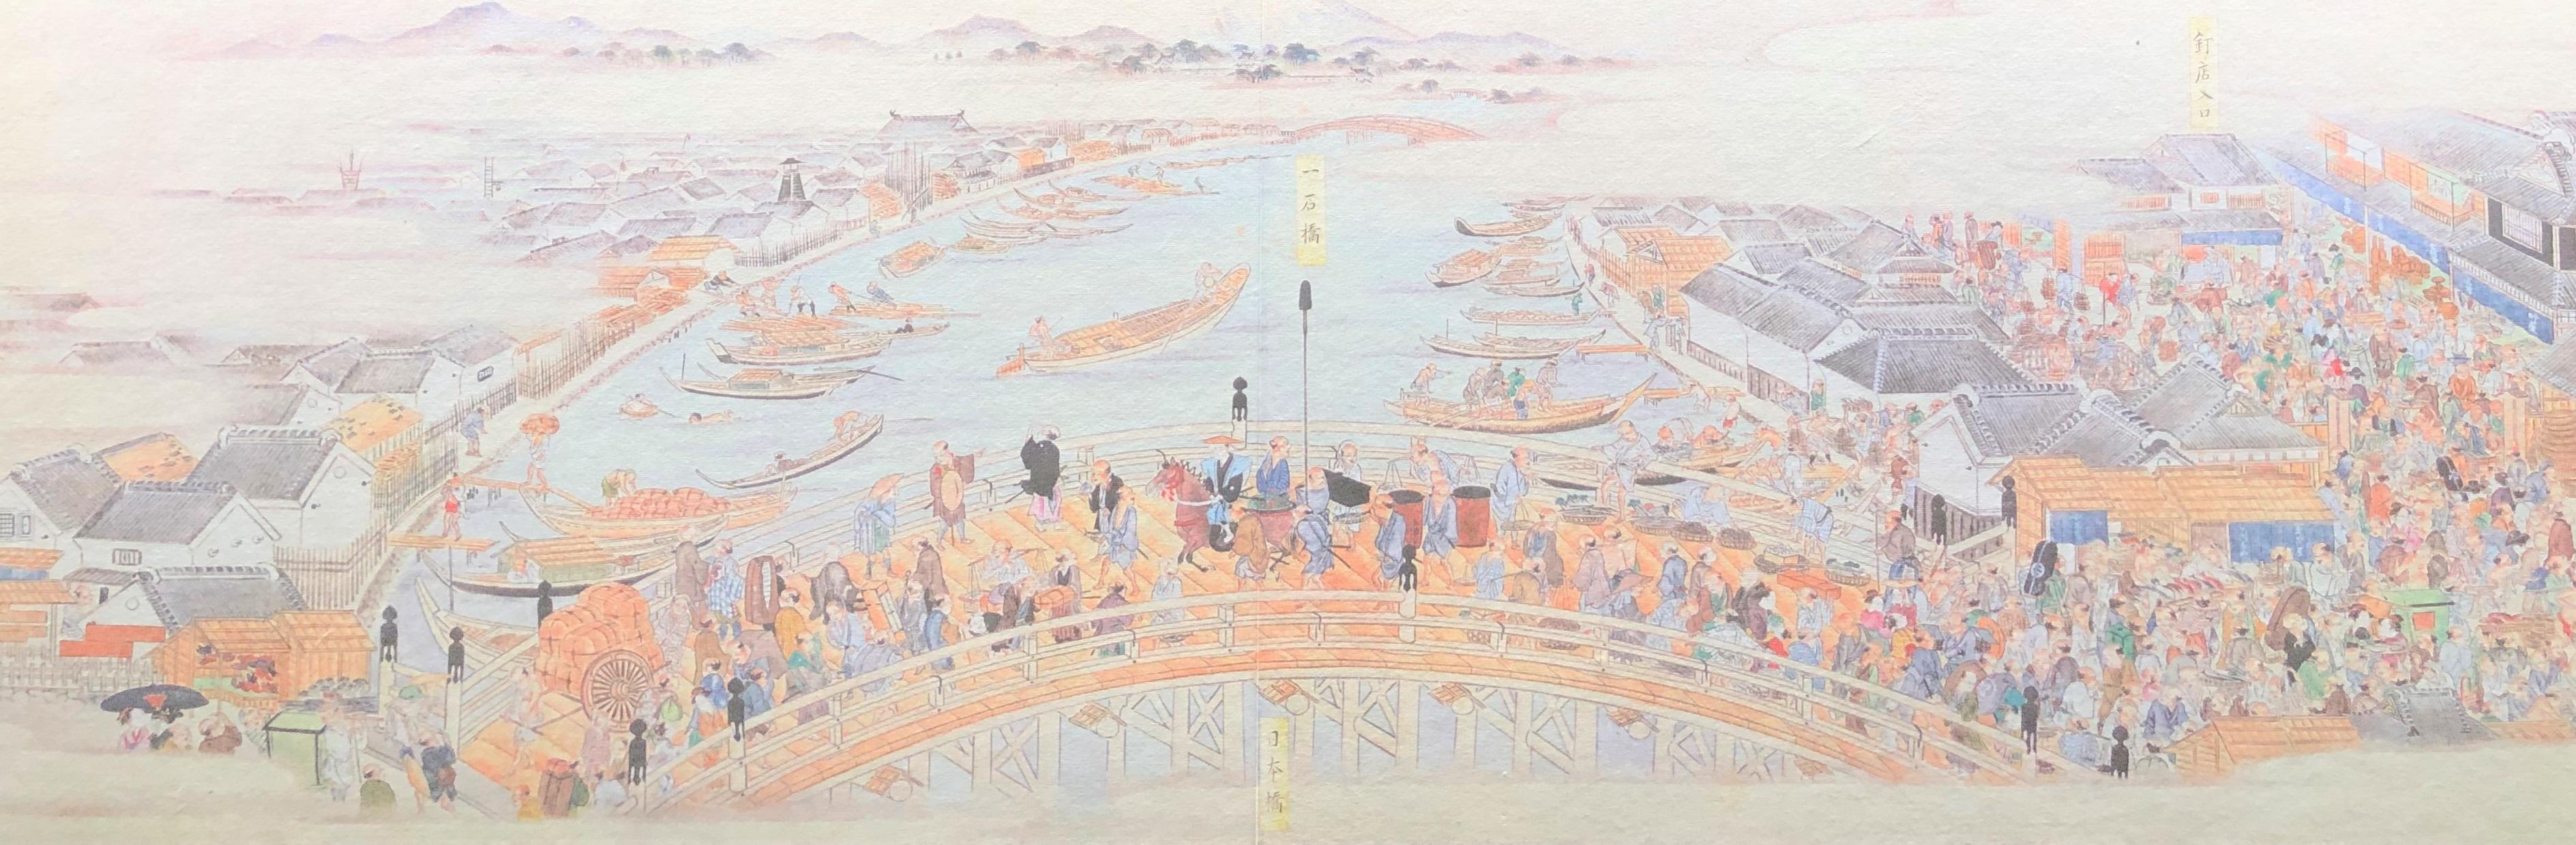 「熈代勝覧」に描かれている、日本橋の風景